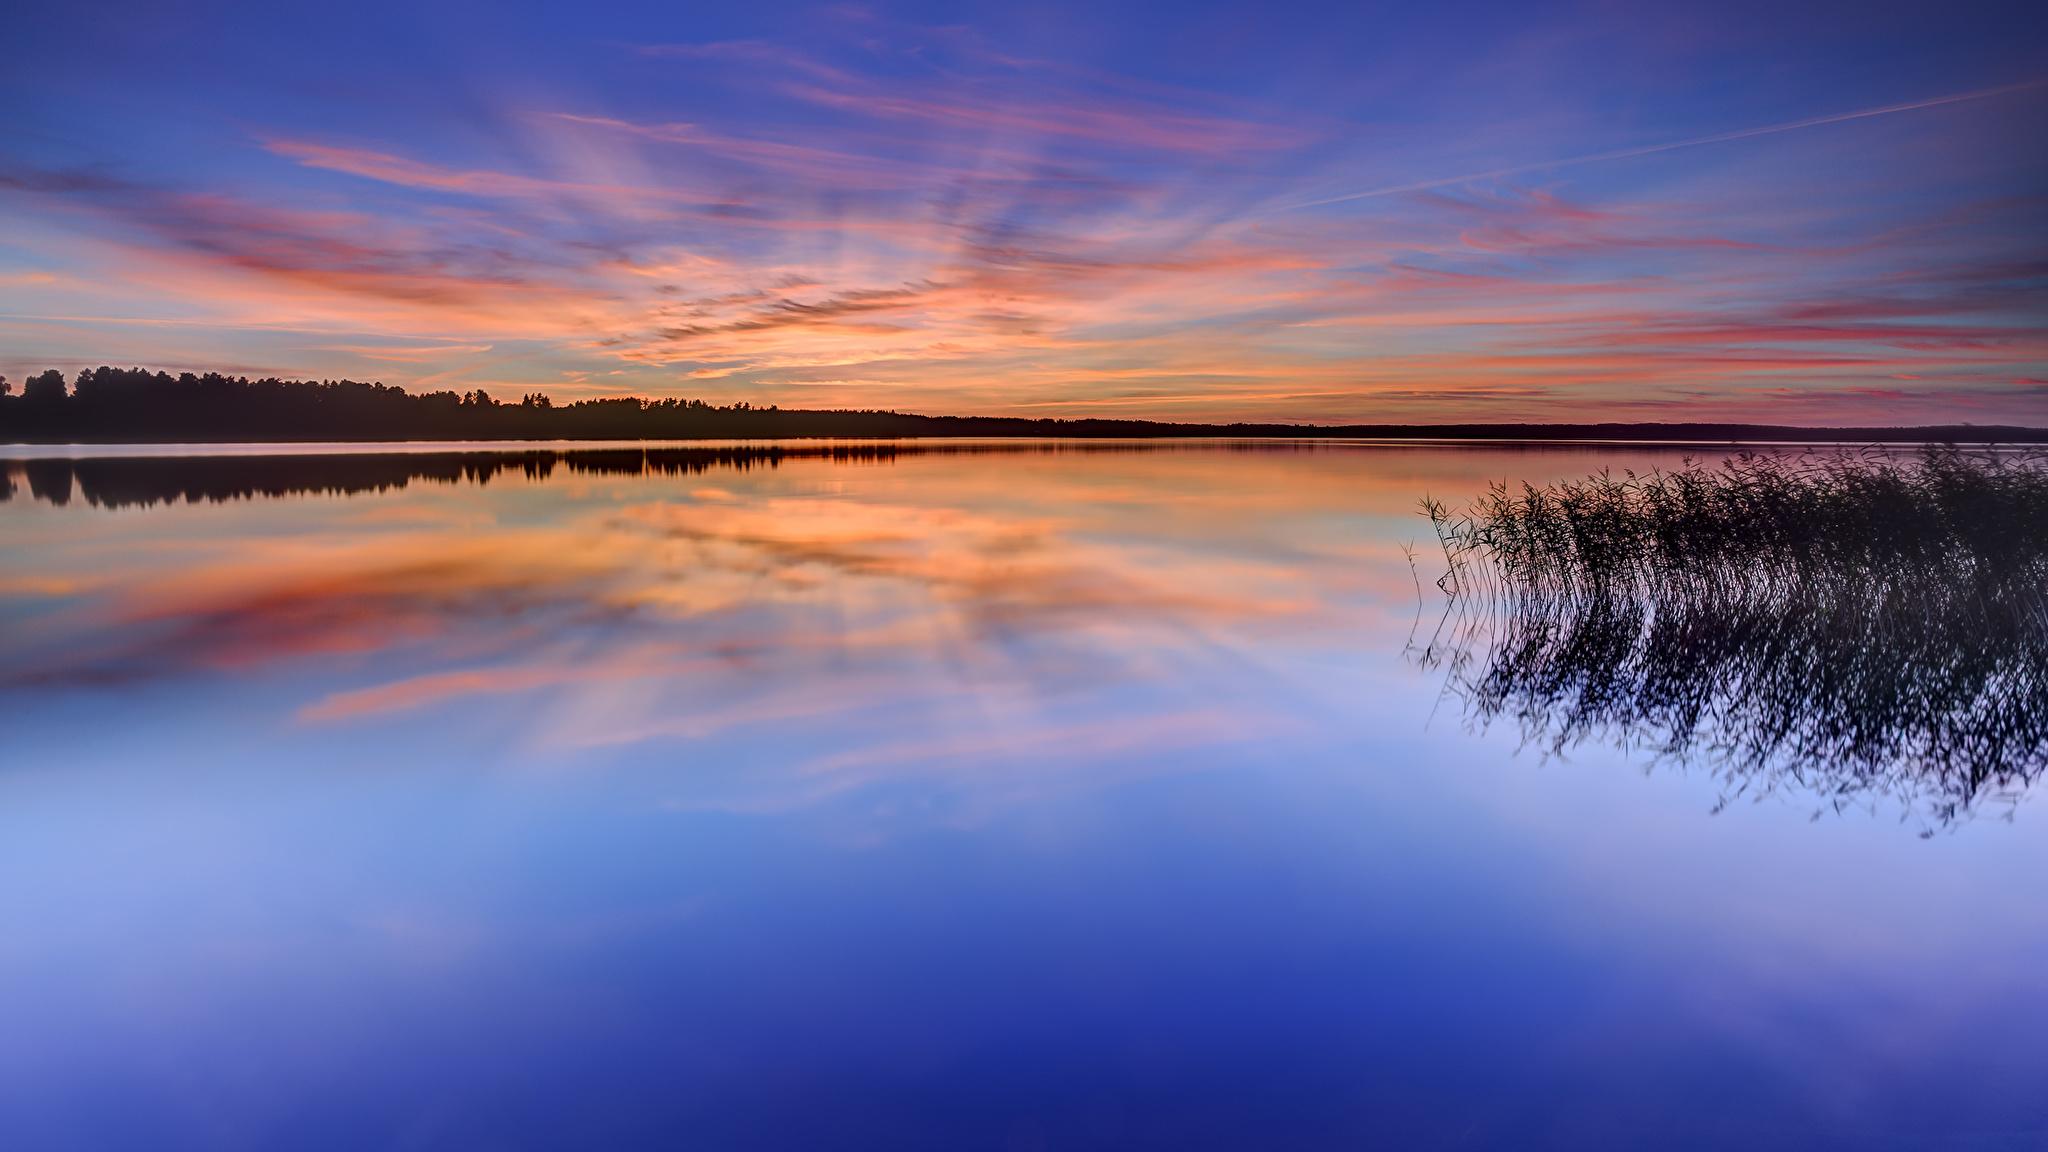 природа деревья небо озеро трава вода загрузить